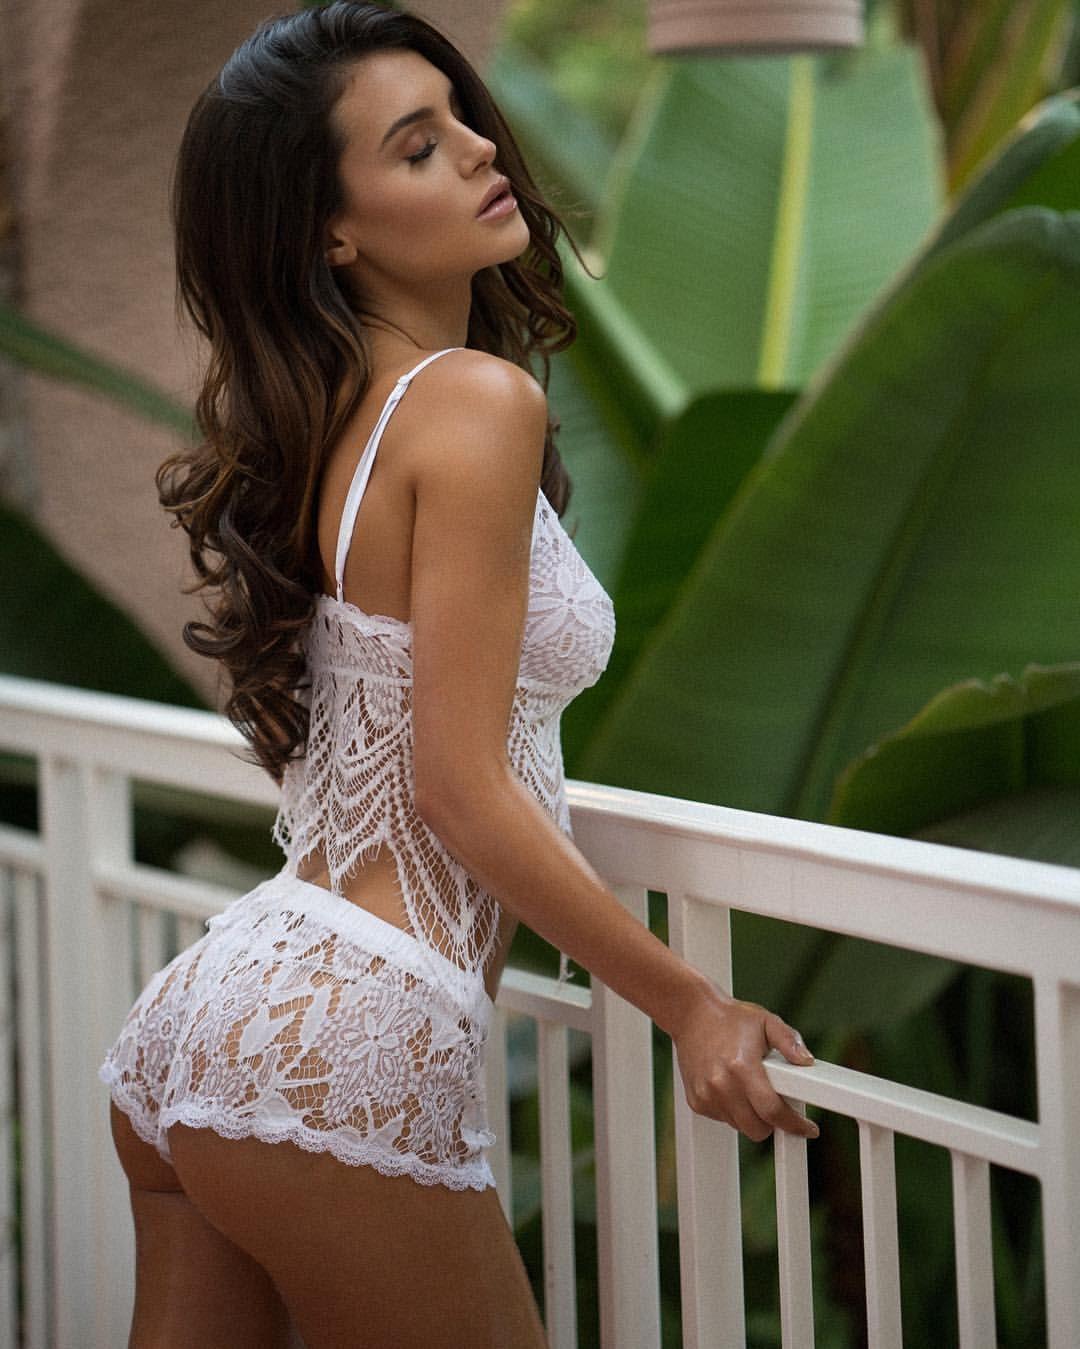 Italian female models best